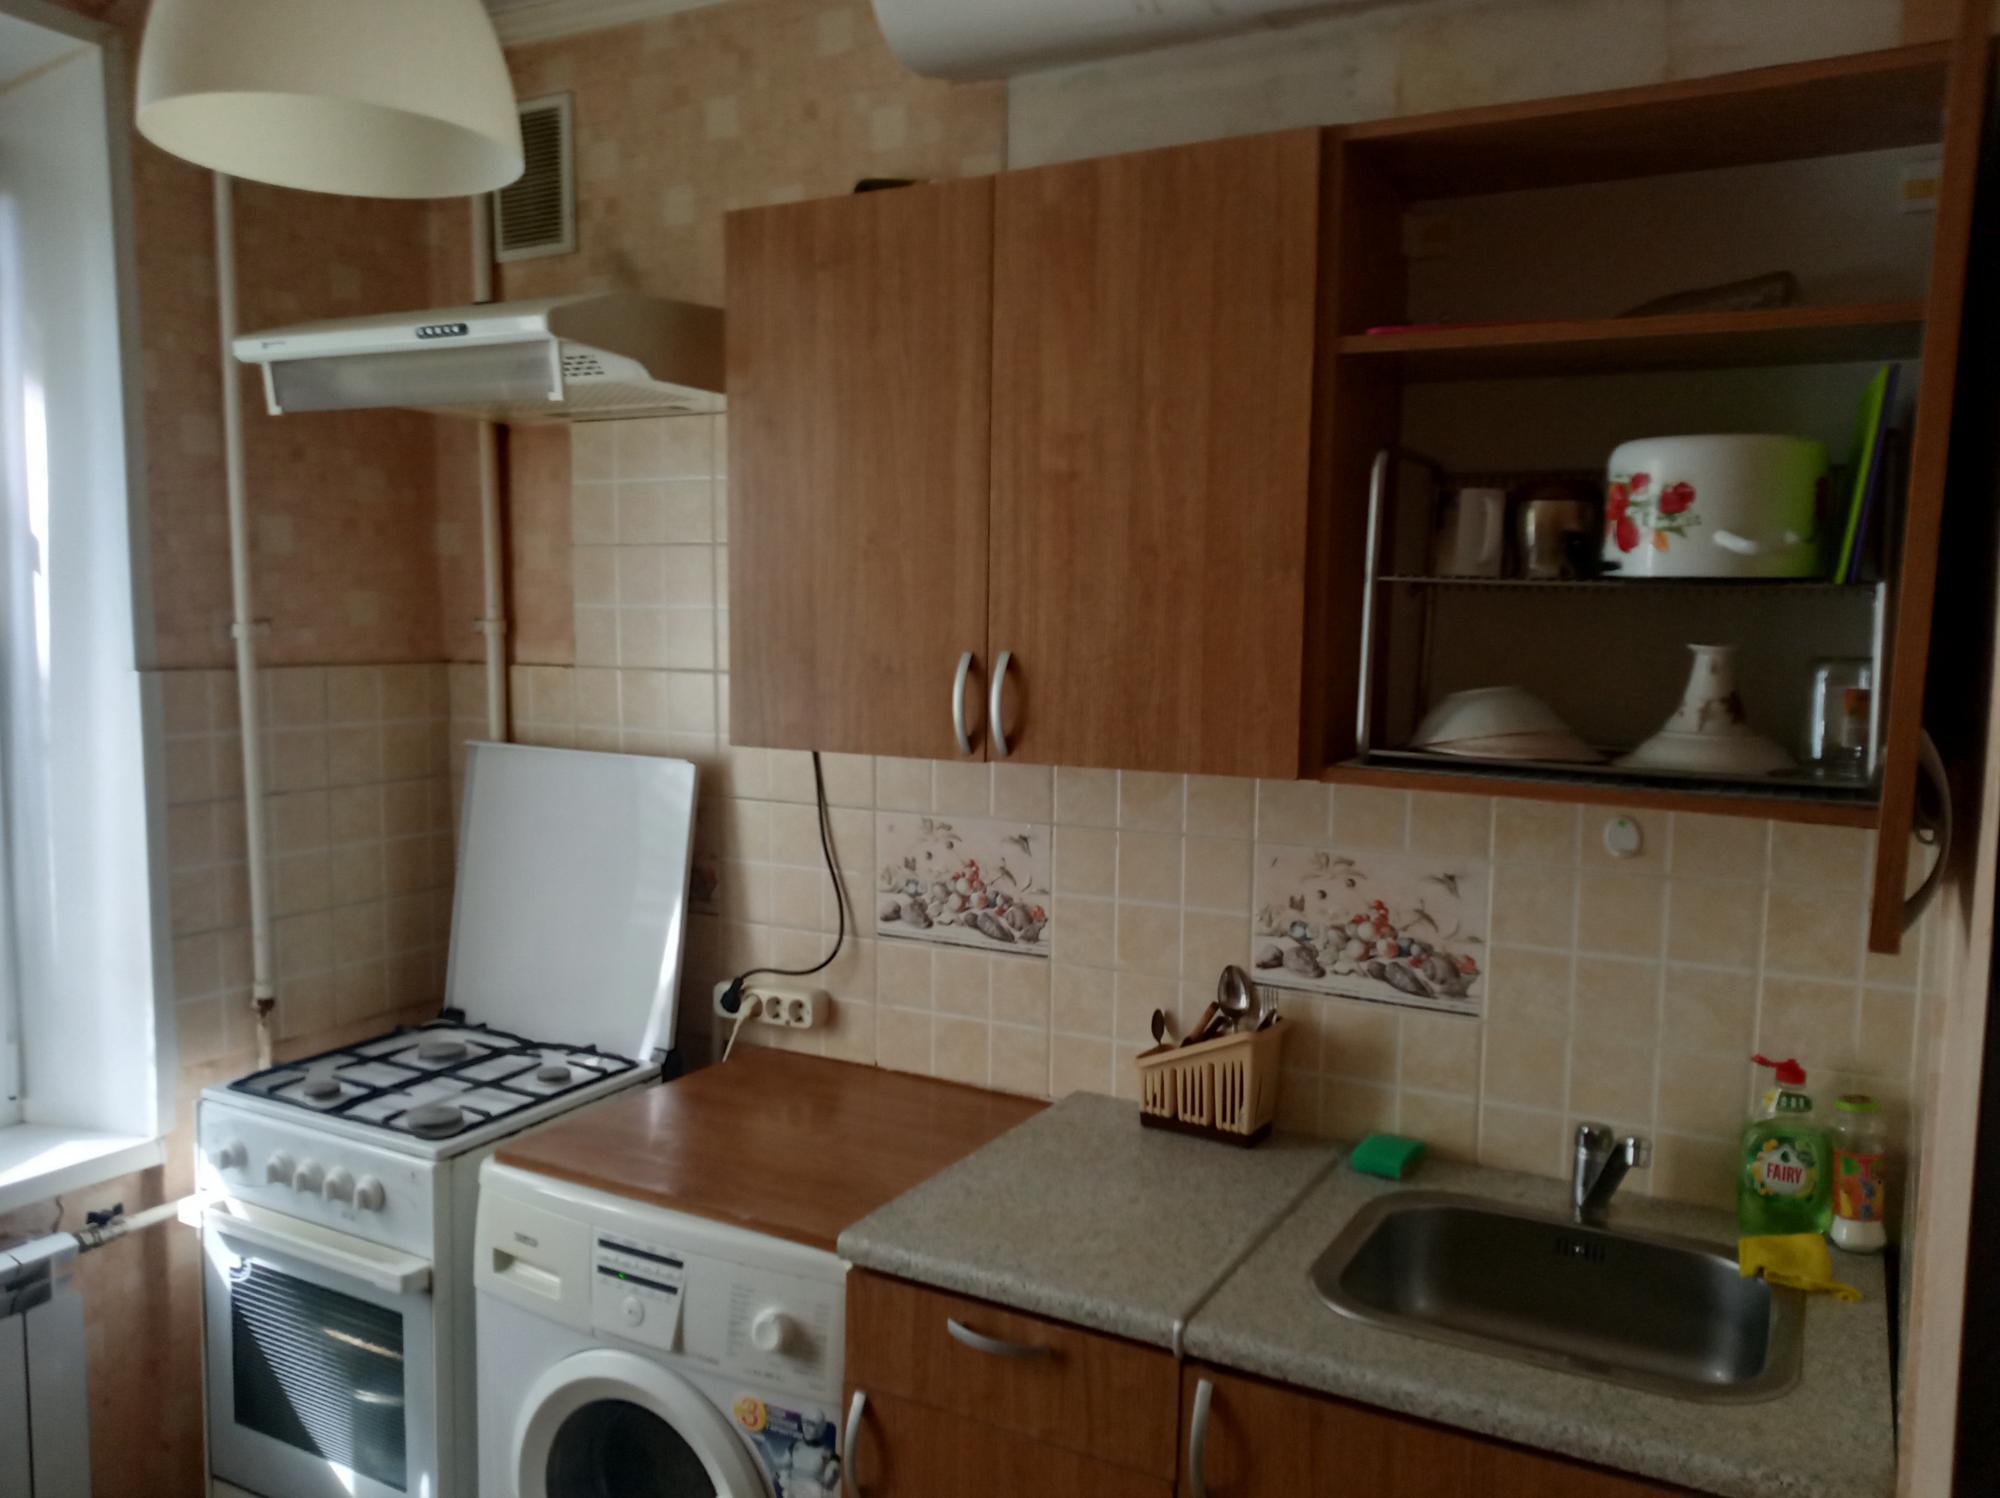 Квартира, 1 комната, 30 м² в Москве 89152571654 купить 6